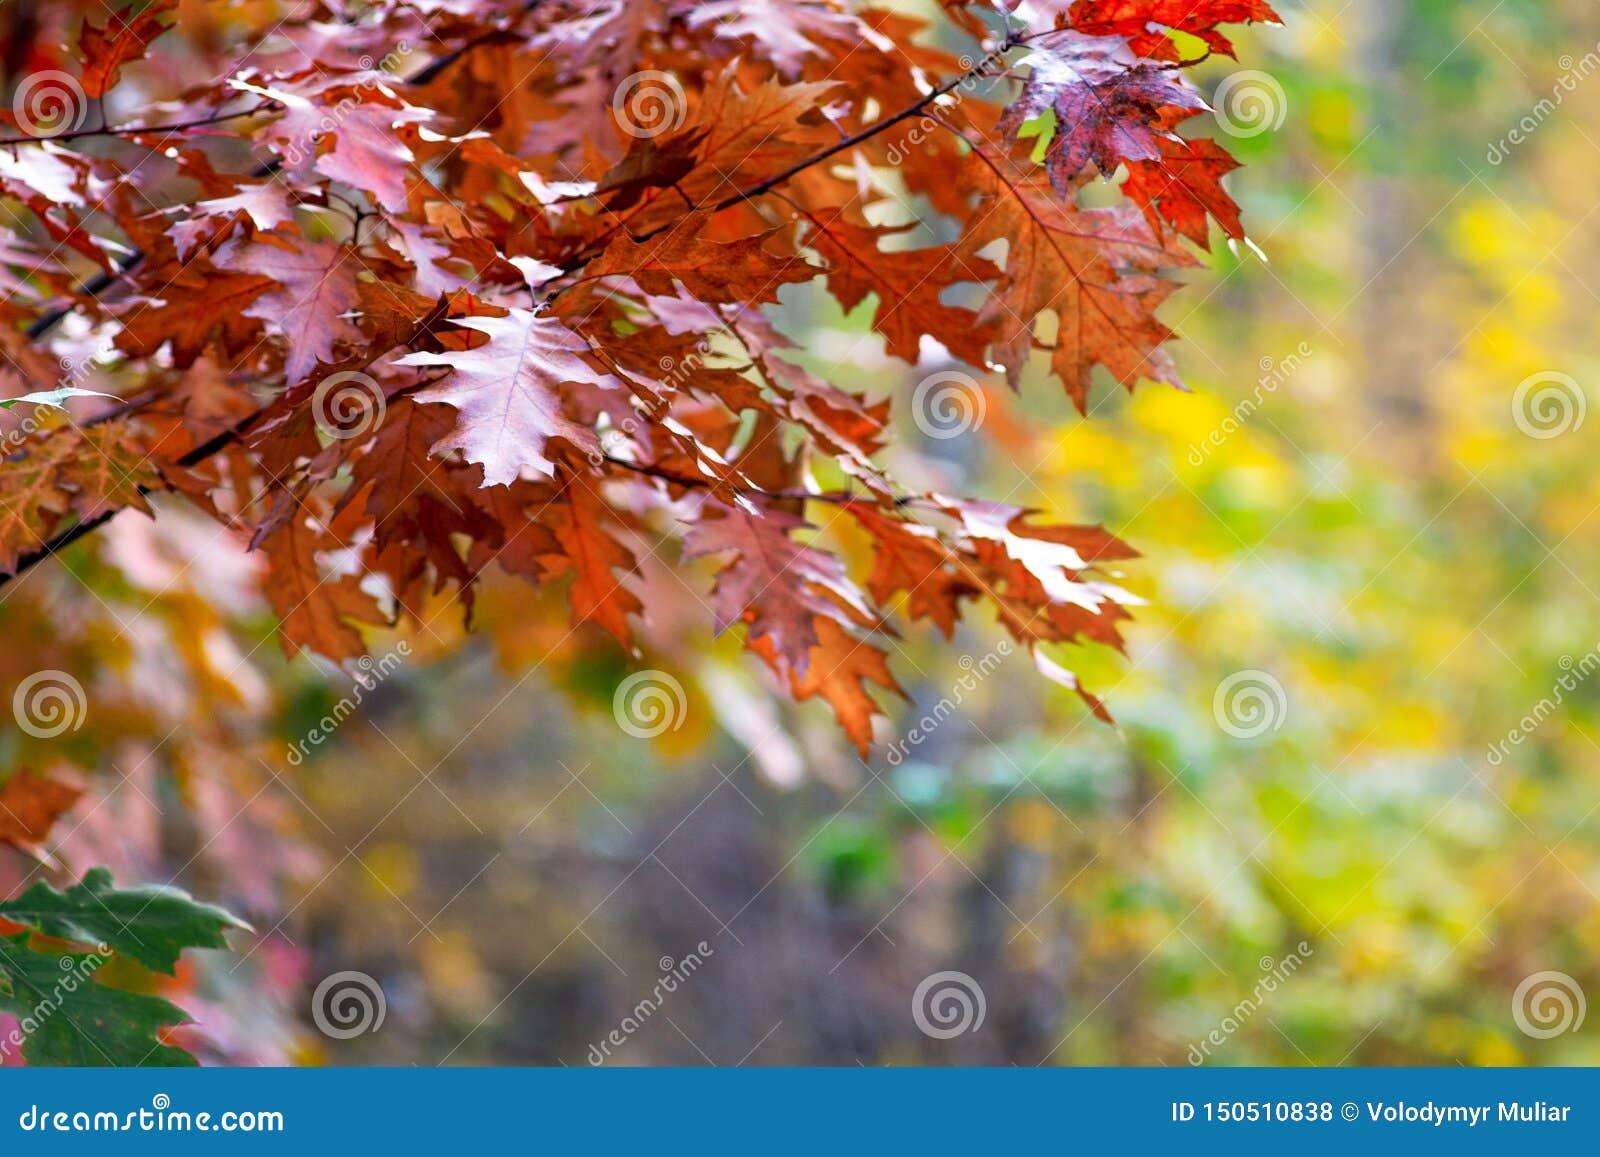 Folhas do marrom do outono do carvalho vermelho em um fundo obscuro no woods_